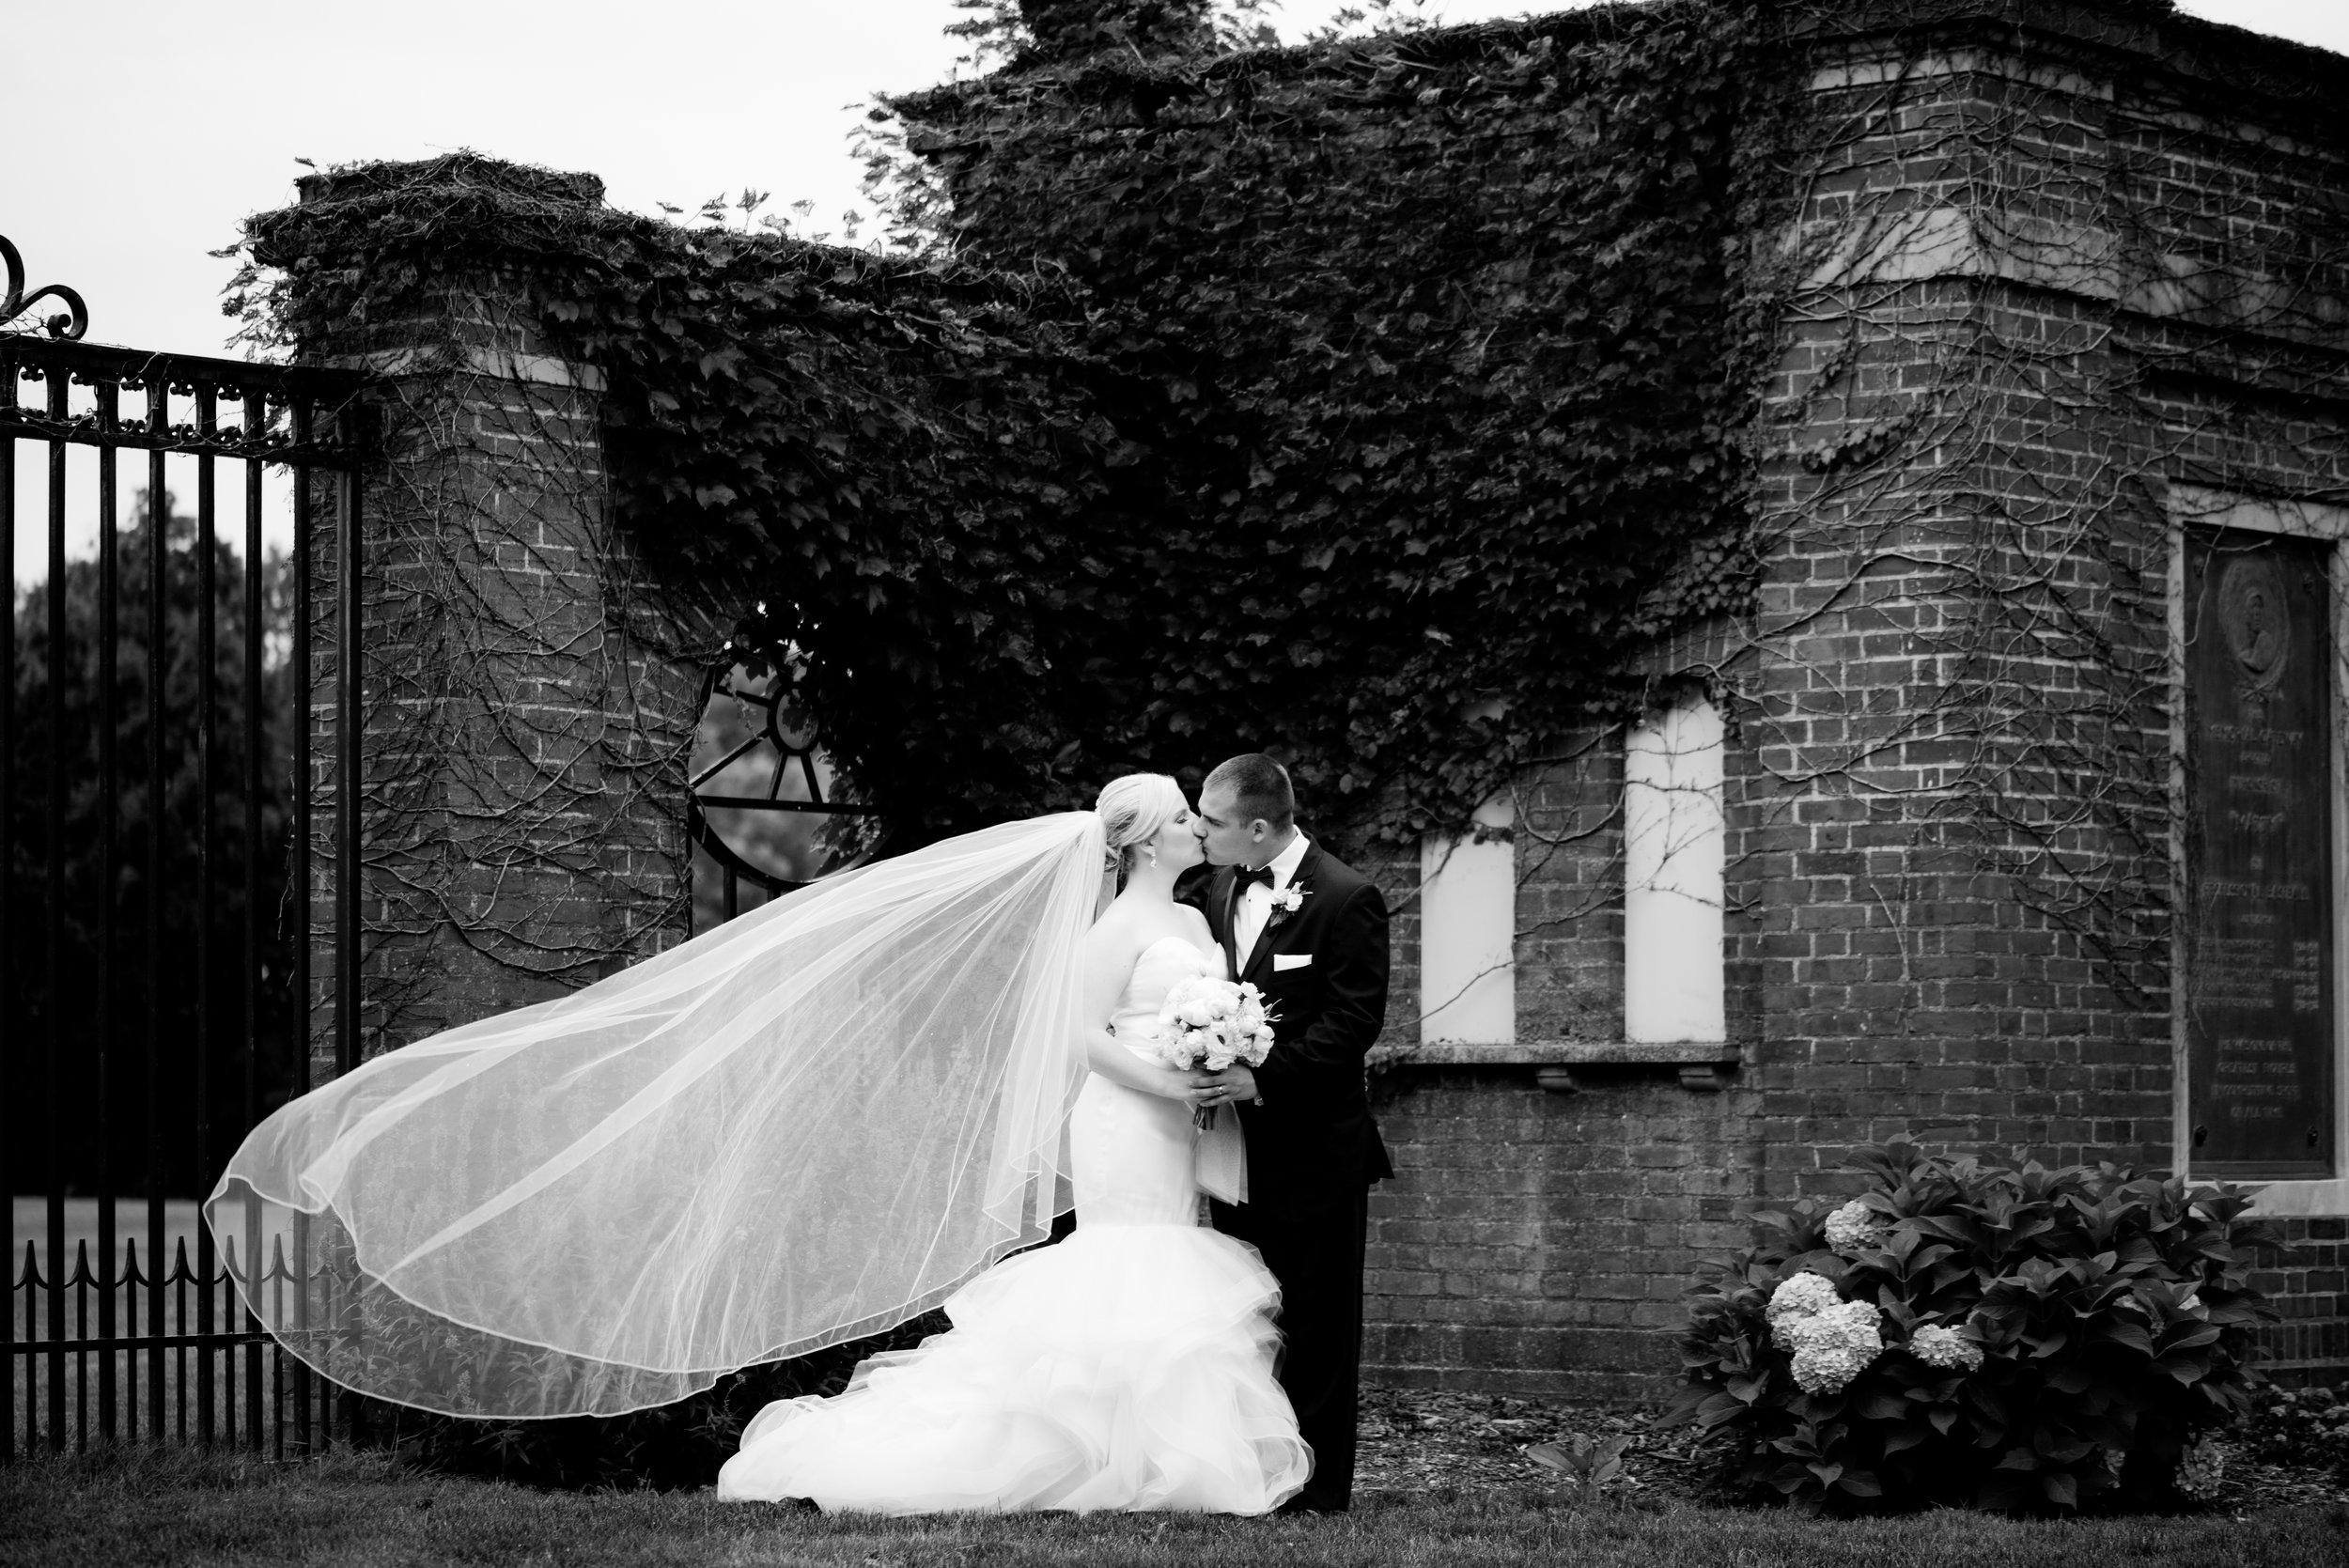 Wedding-photographers-Lewisburg.jpg